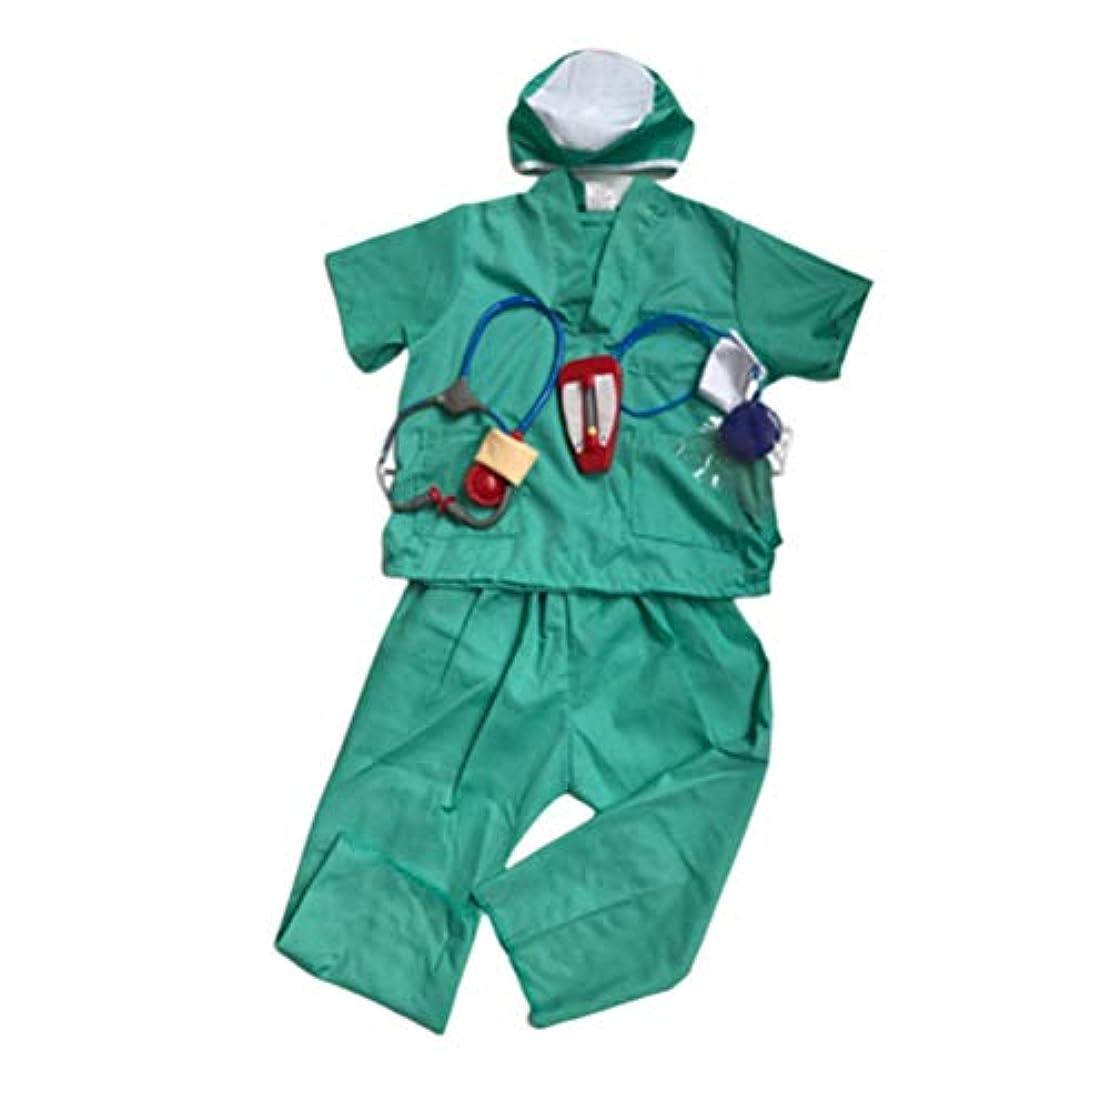 細菌水を飲むなかなかAmosfunドクターユニフォーム子供のための子供手術ガウンコスプレ衣装ロールプレイ衣装ハロウィン仮装パーティー